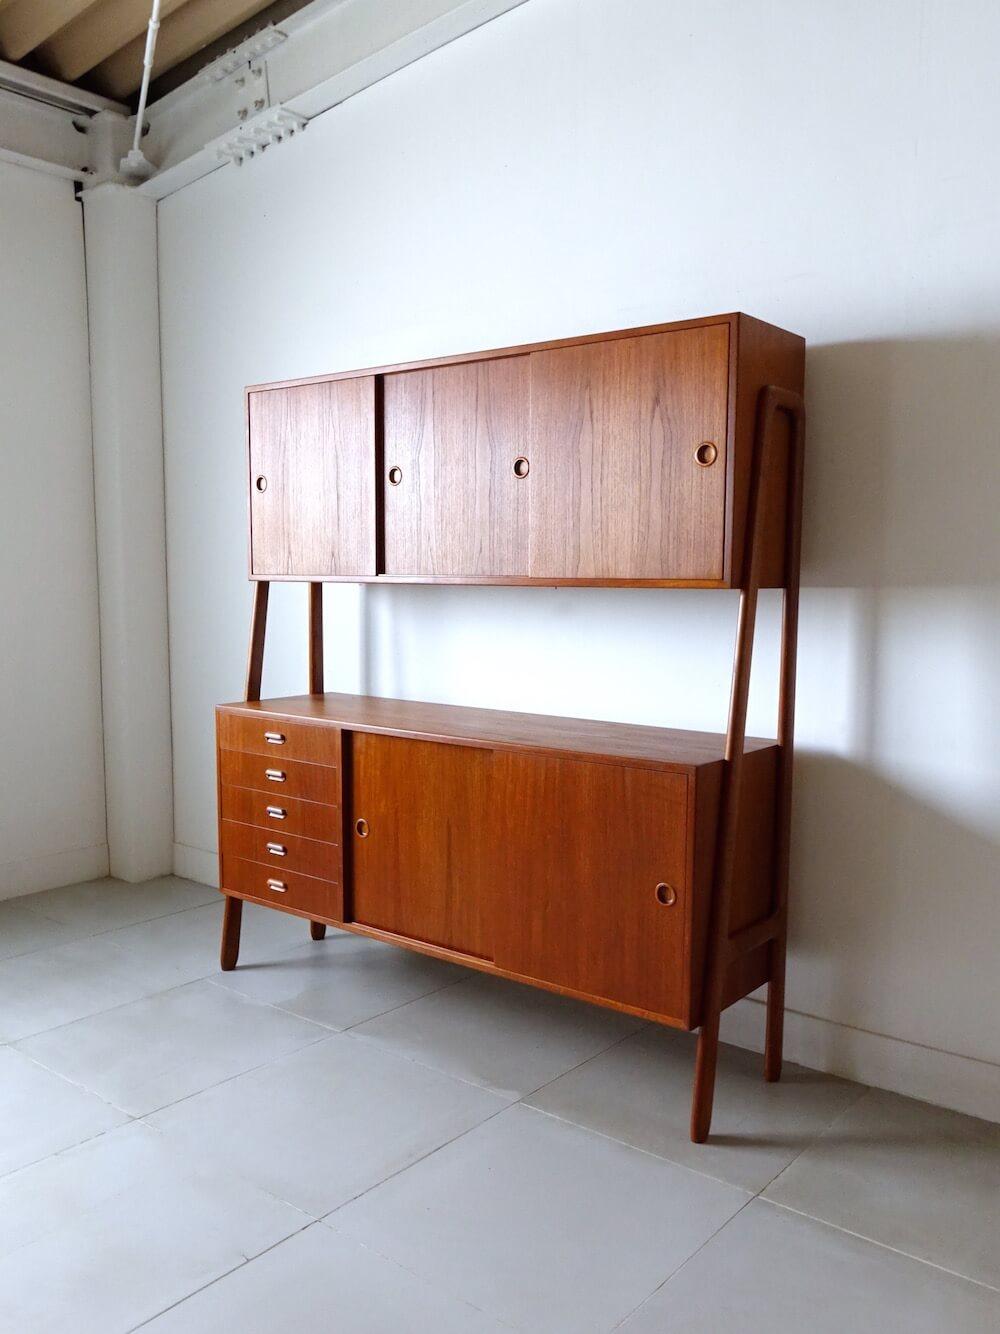 Cabinet Model.3 by Gunni Omann for Omann Jun